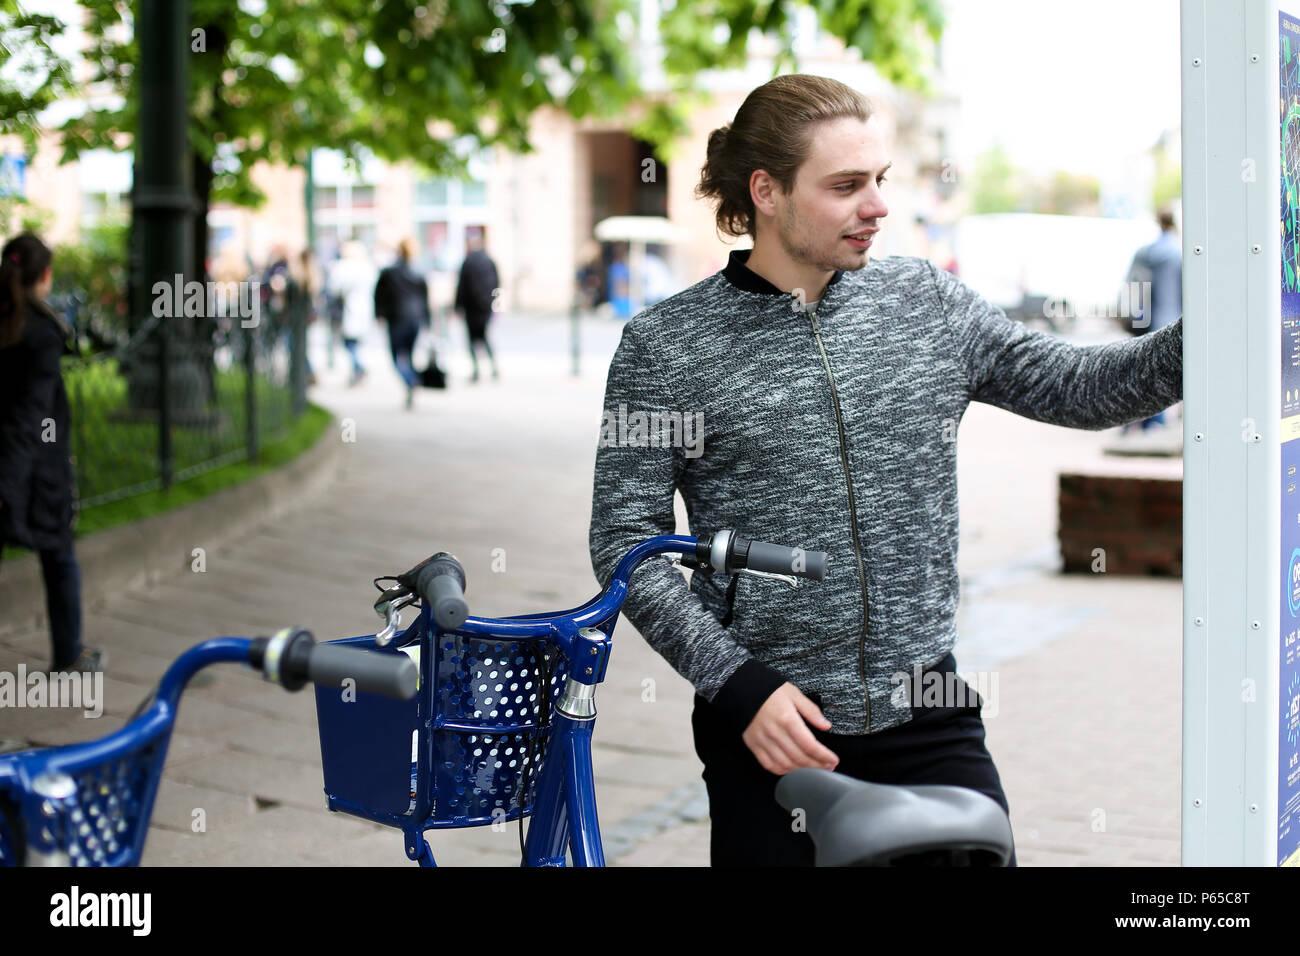 Jeune homme bleu embauche location avec la machine en ville. Photo Stock